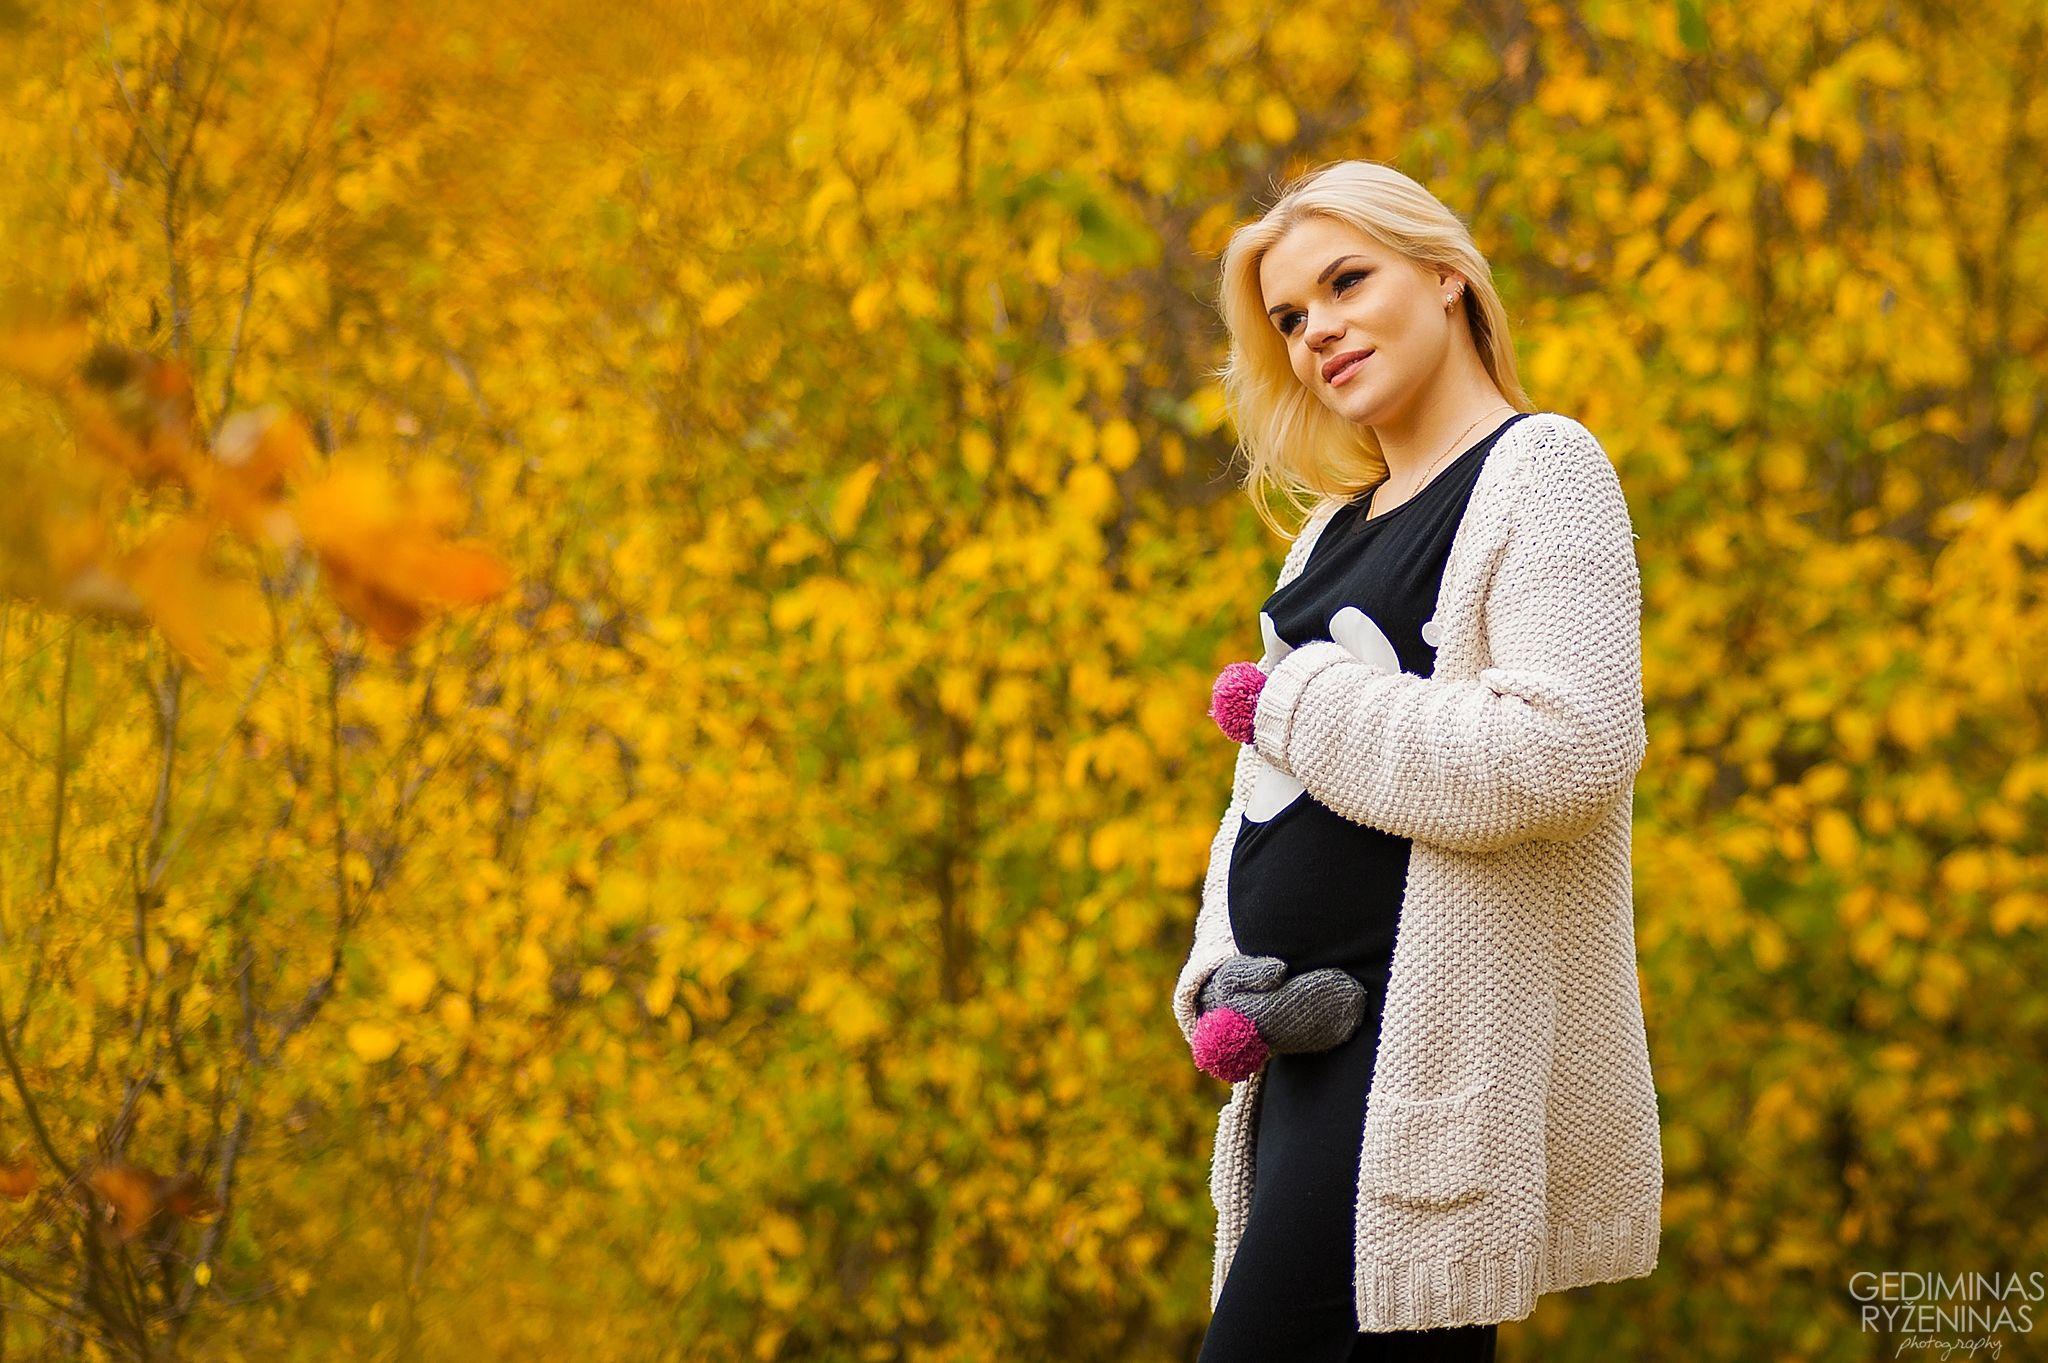 Nėsčiosios Žydrūnės fotosesija